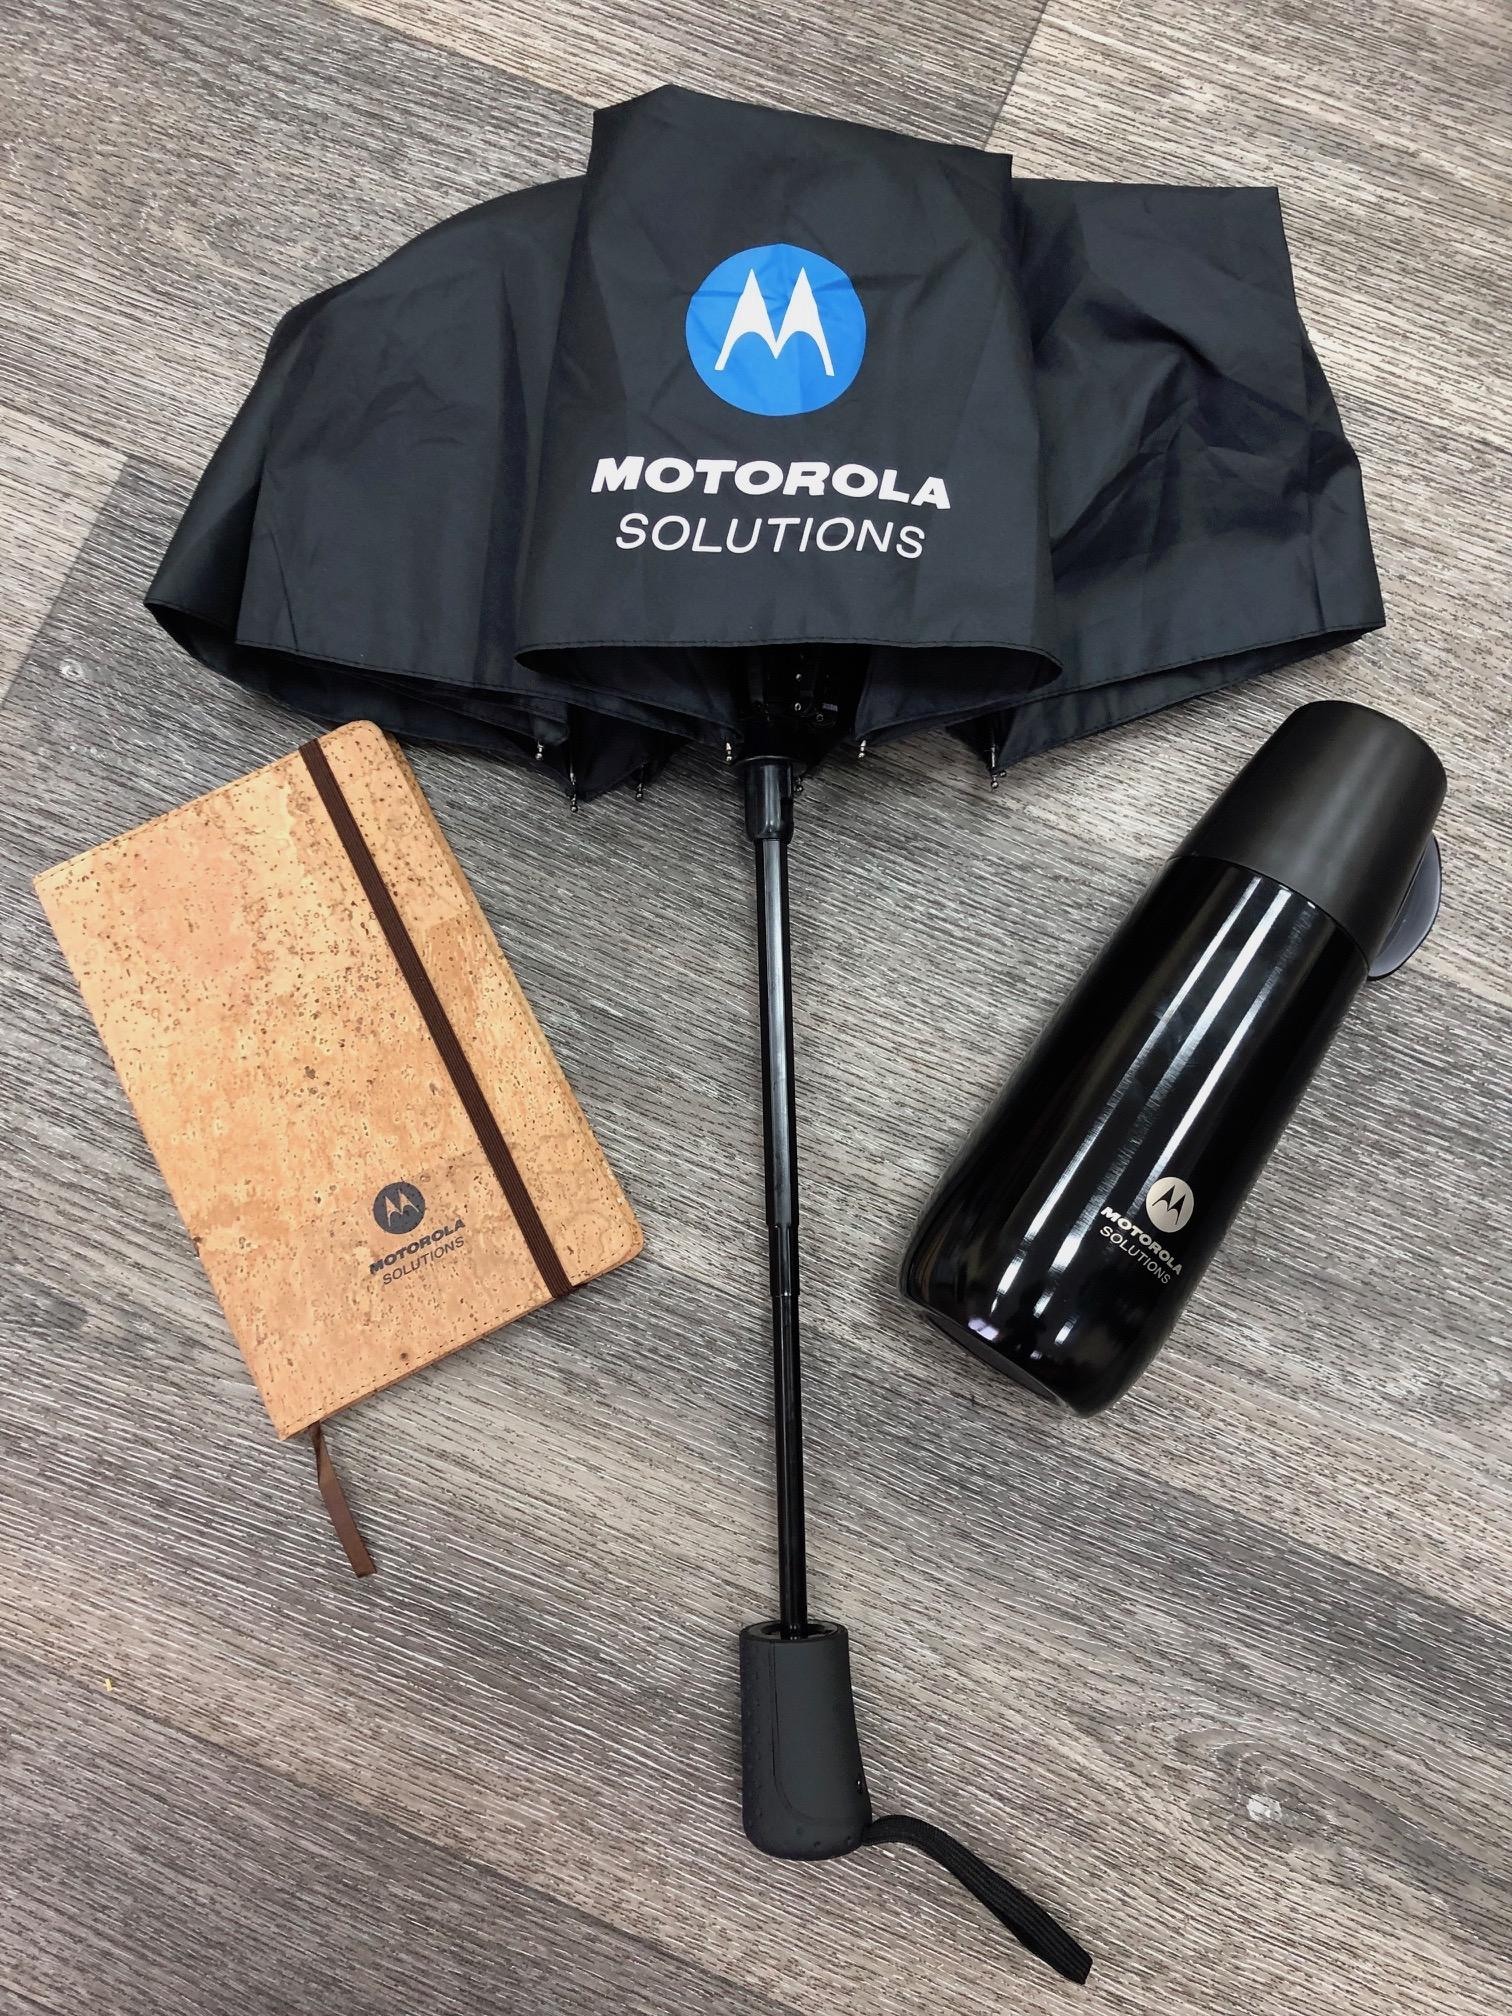 Motorola Solutions комплекс работ по поставке подарочной сувенирной продукции и полиграфии